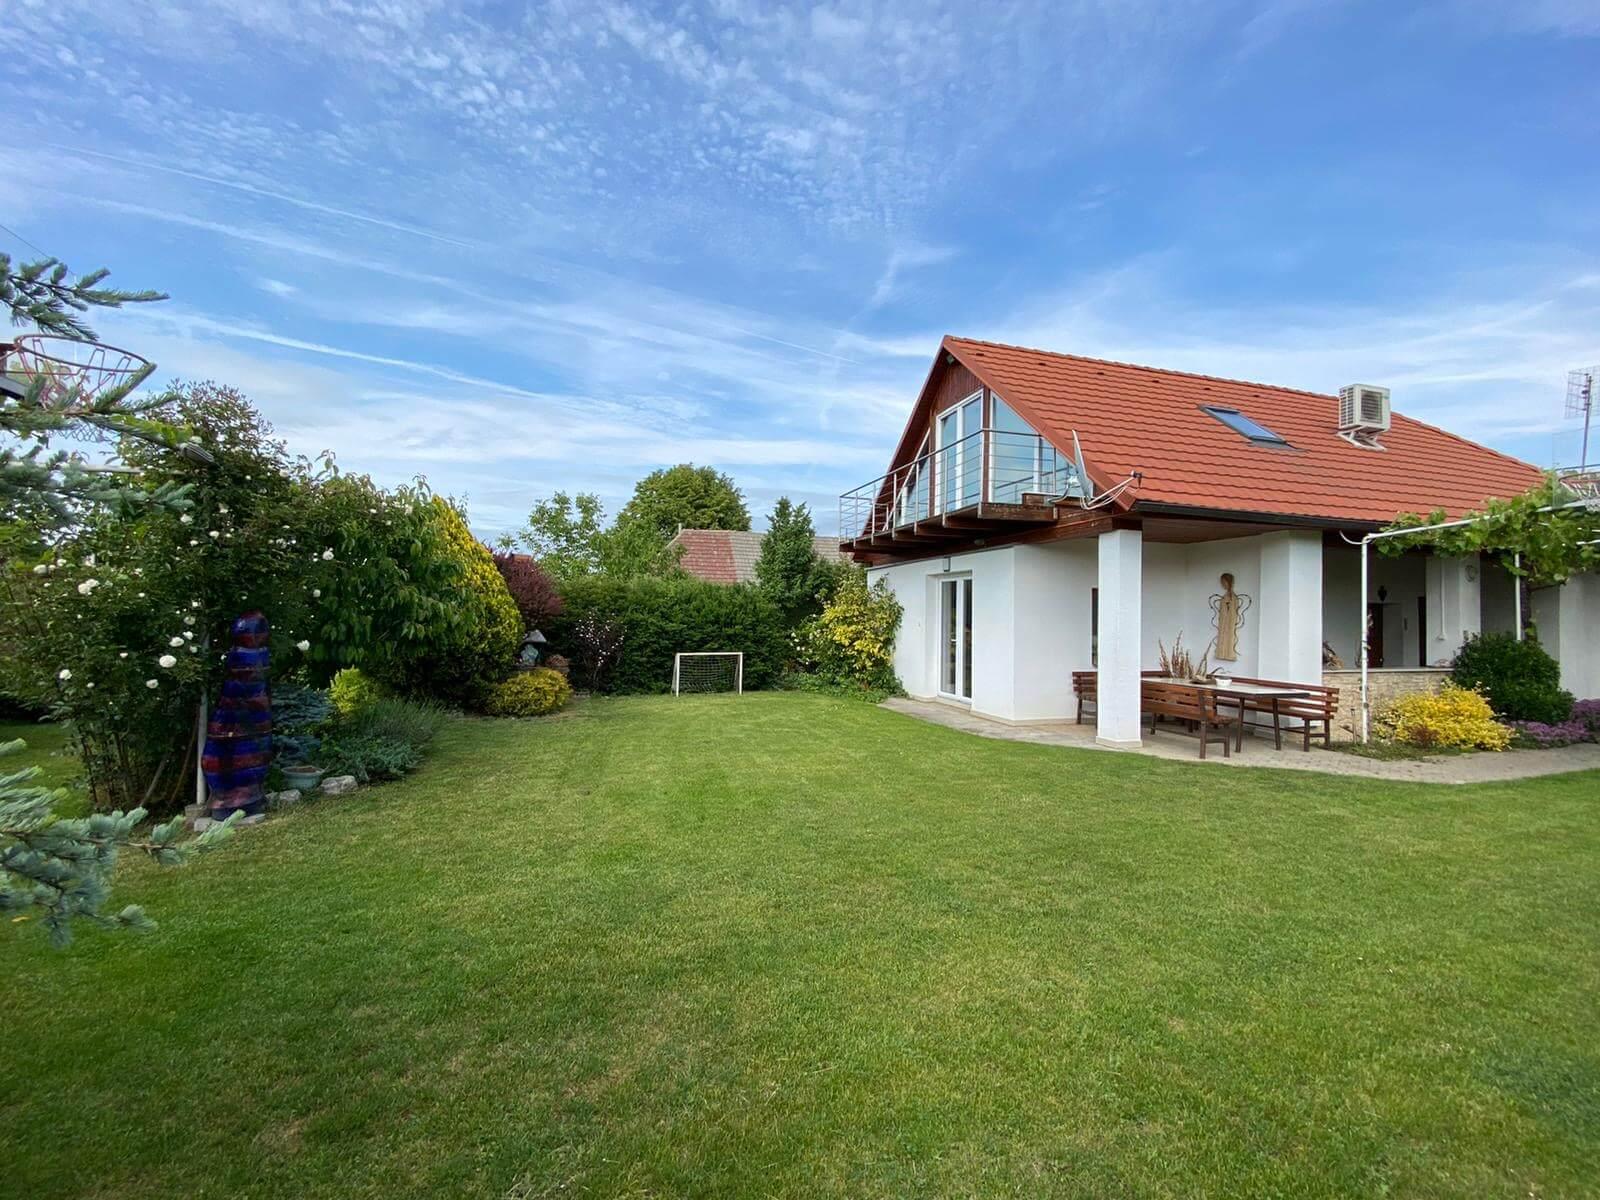 Predané: Predaj Rodinný dom v Šoporni, v tichej lokalite, pozemok 674m2, úžitková plocha 181m2,záhrada, kôlňa-1